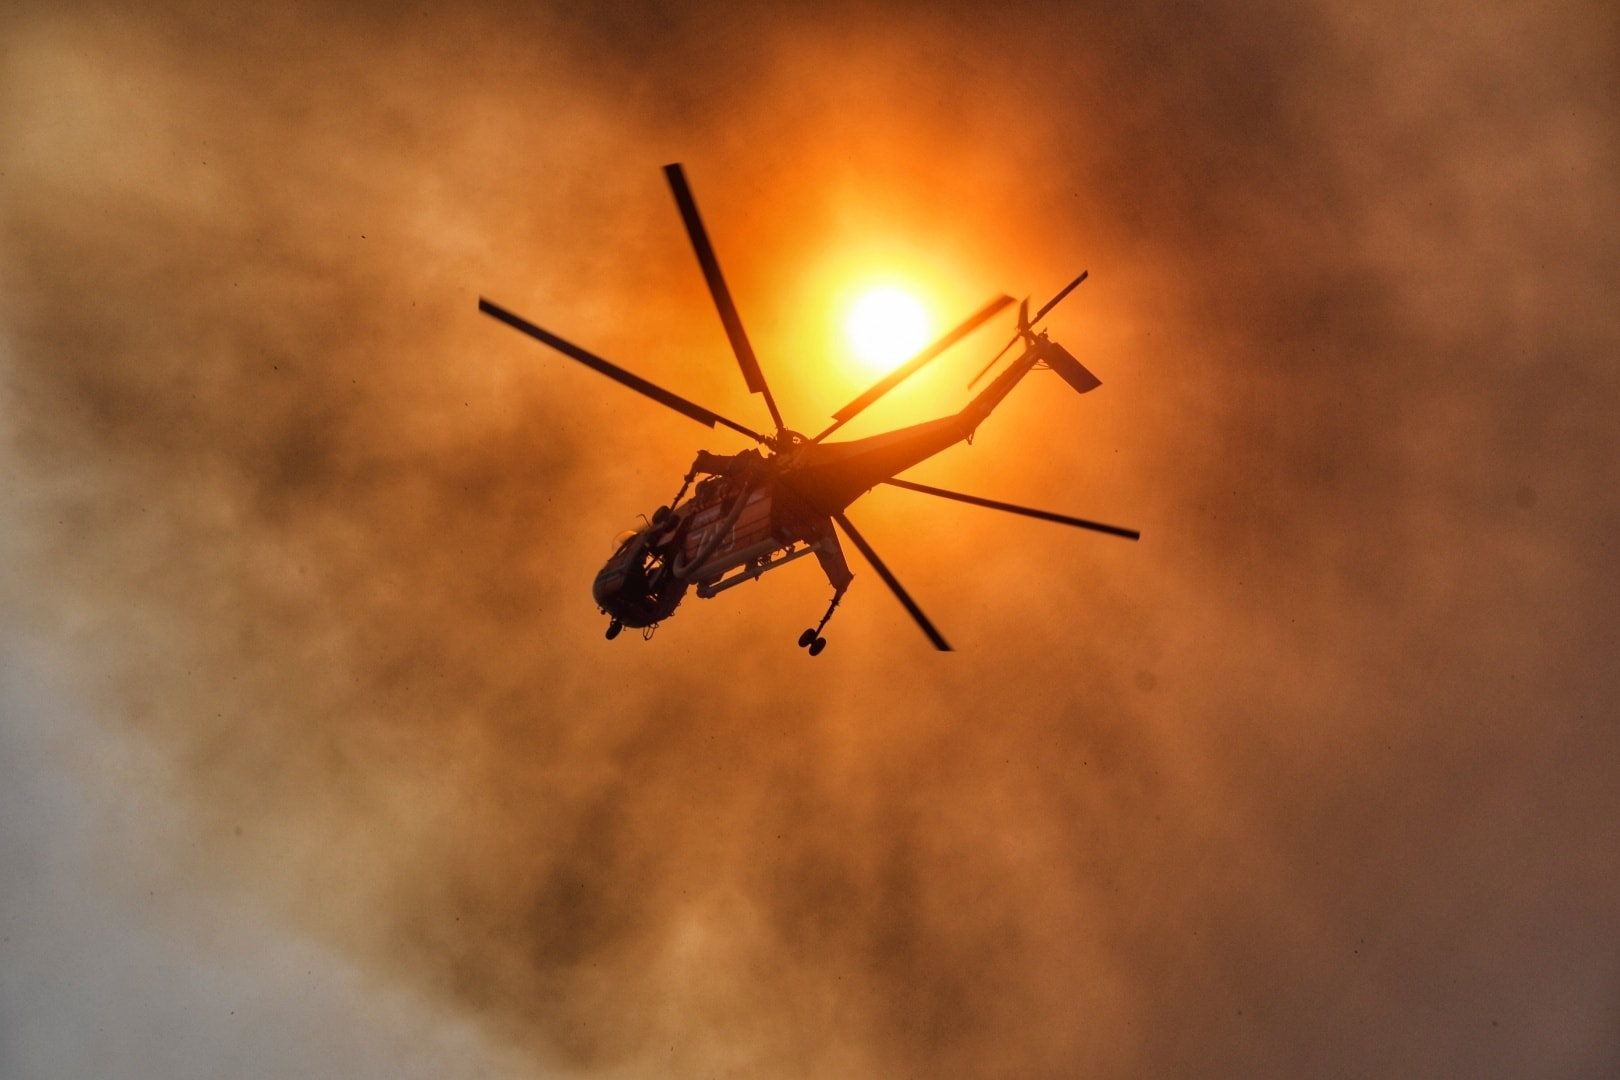 Πυρκαγιά στη Σάμο: Ζητούν να κηρυχθεί το νησί σε κατάσταση έκτακτης ανάγκης